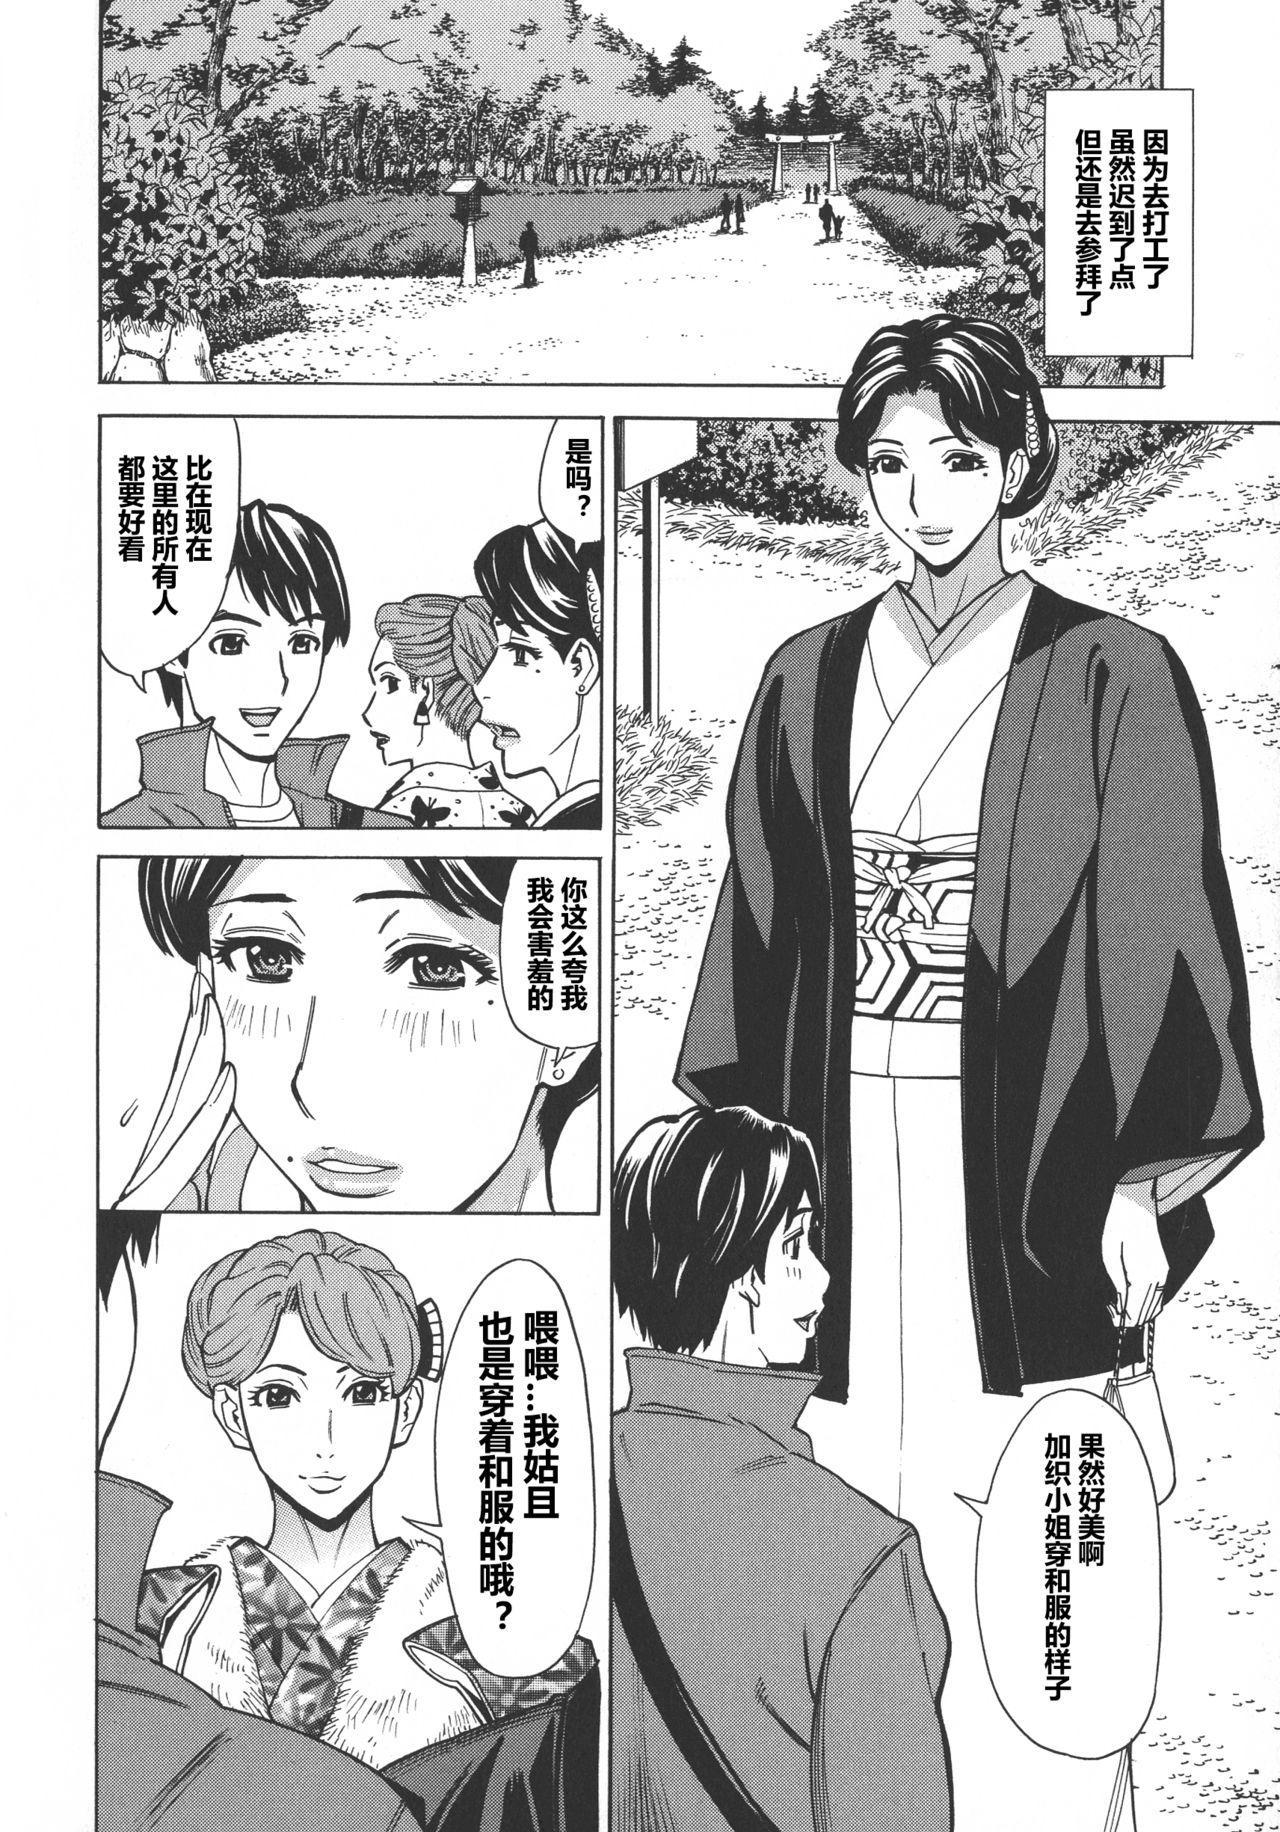 Hitozuma Koi Hanabi ~ Hajimete no Furin ga 3P ni Itaru made .04(chinese)【每天一发的个人汉化】 1